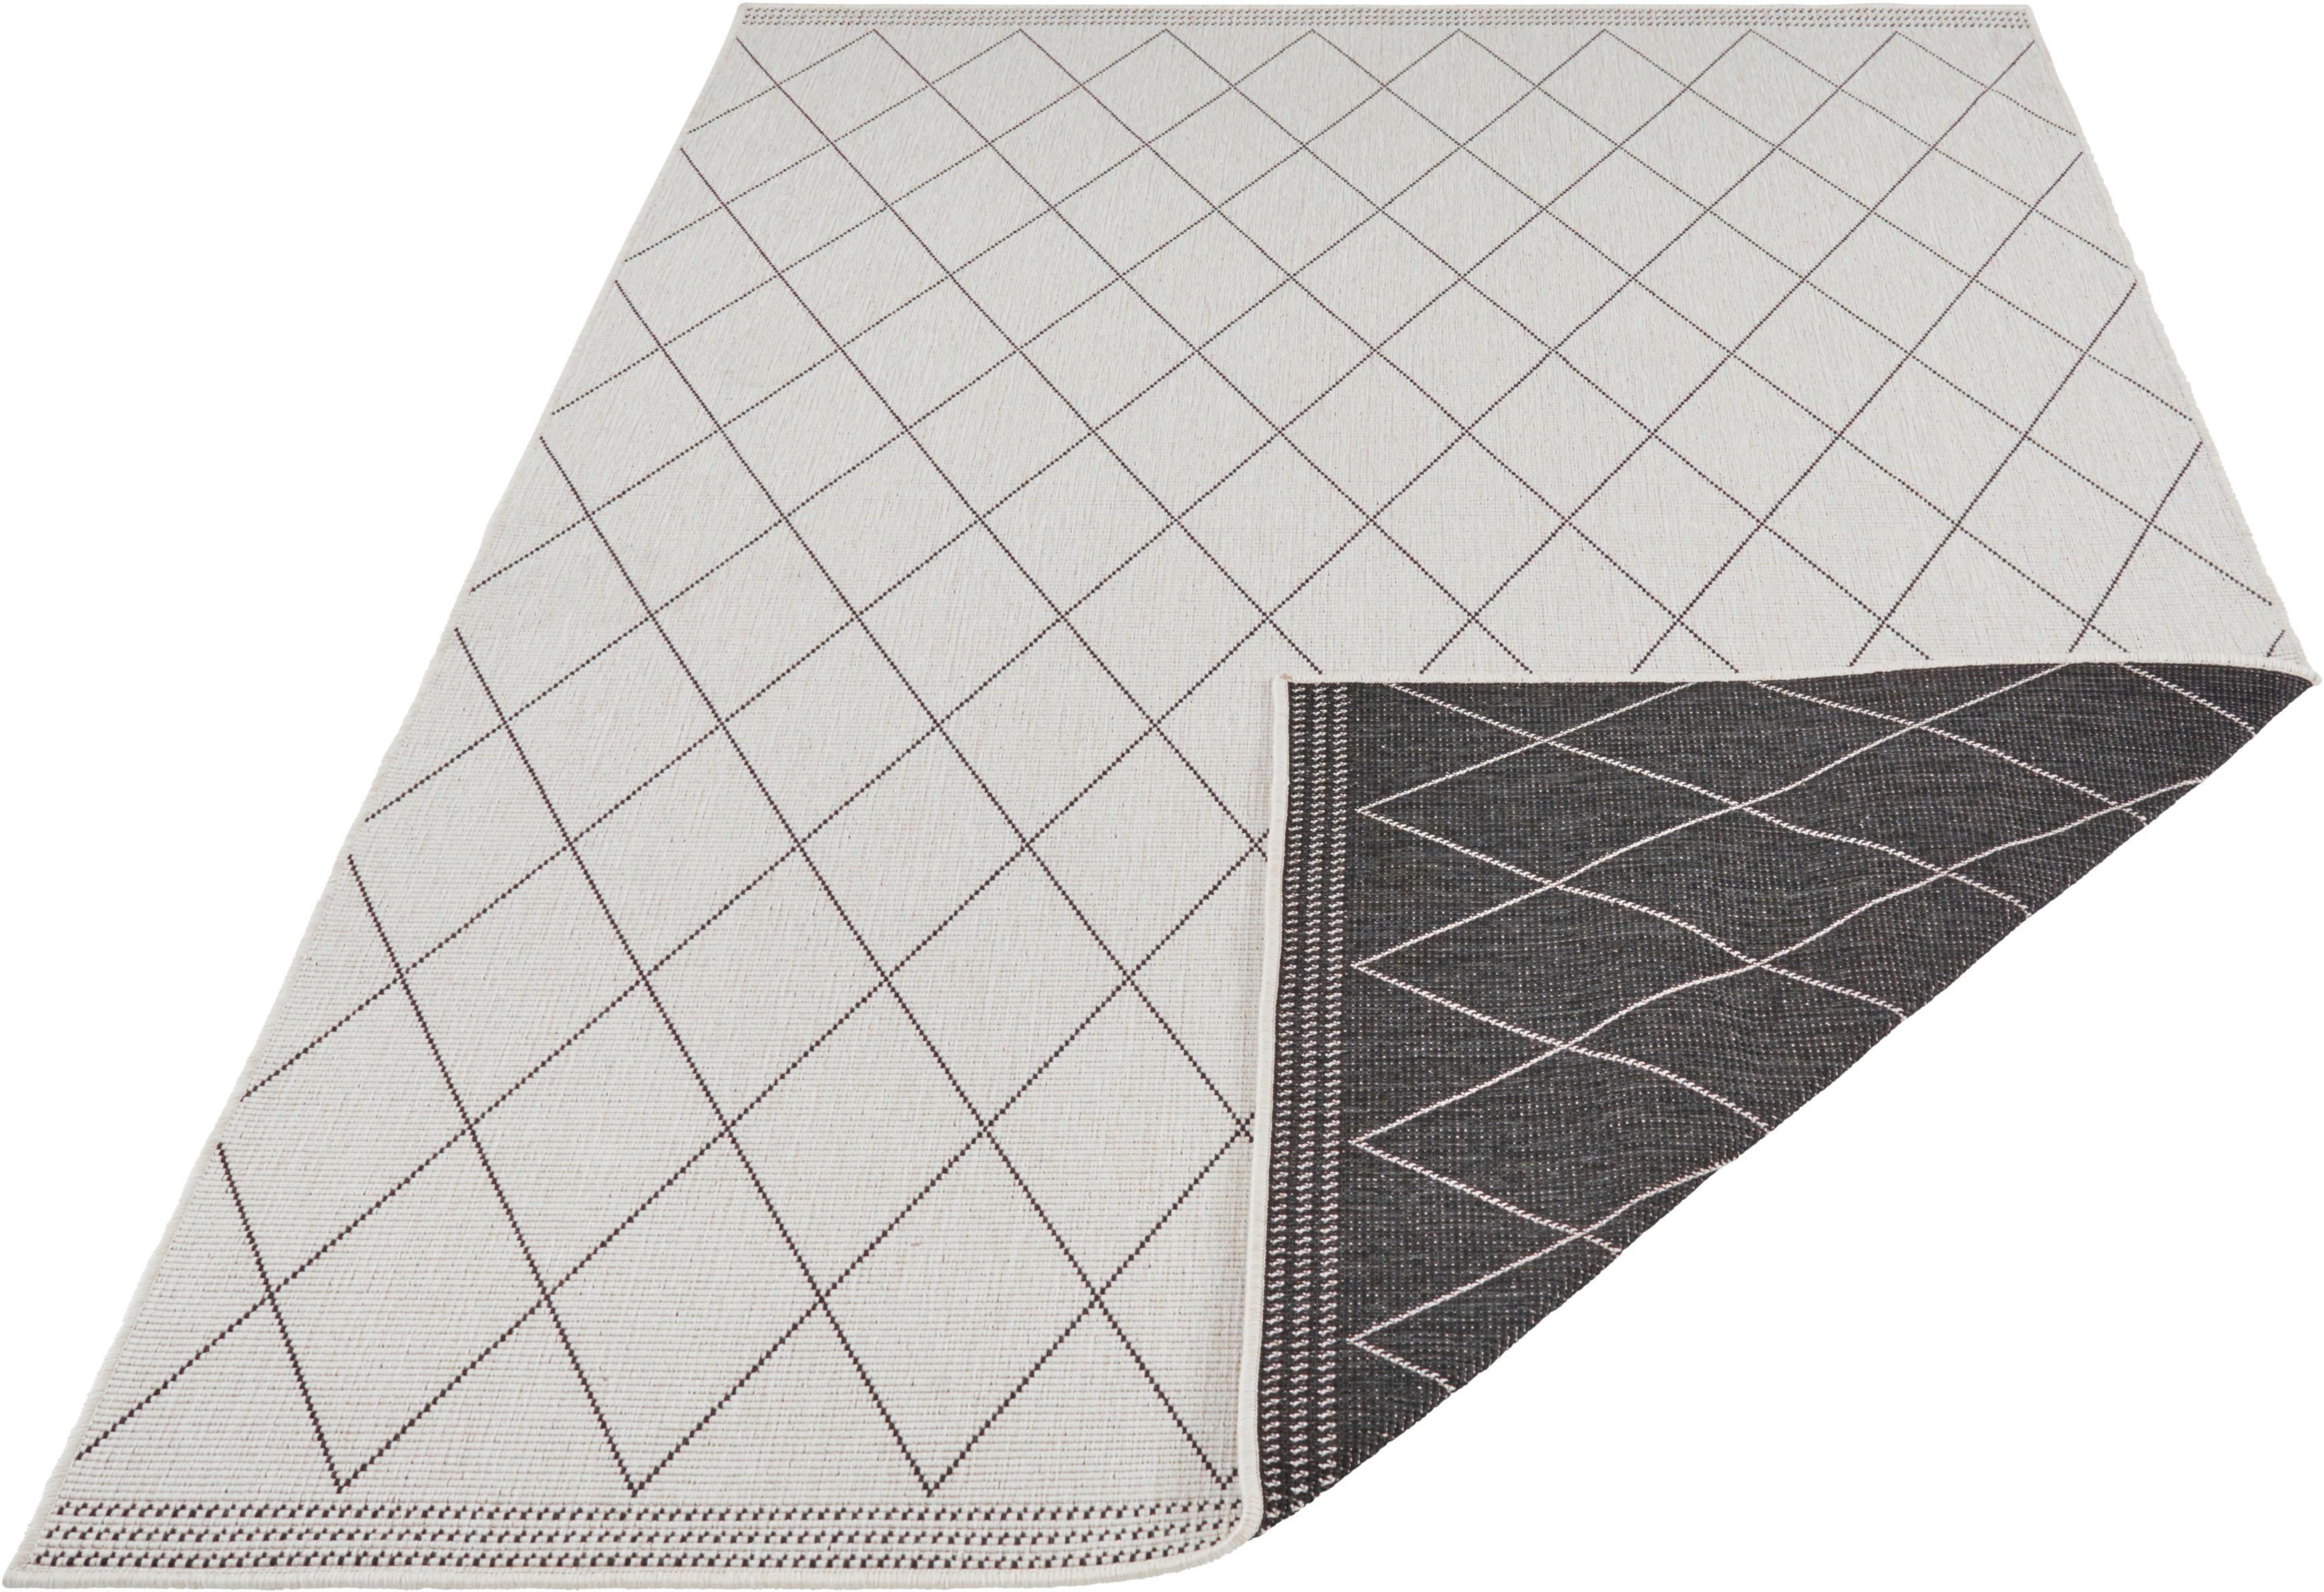 Teppich Daisy freundin Home Collection rechteckig Höhe 5 mm maschinell gewebt